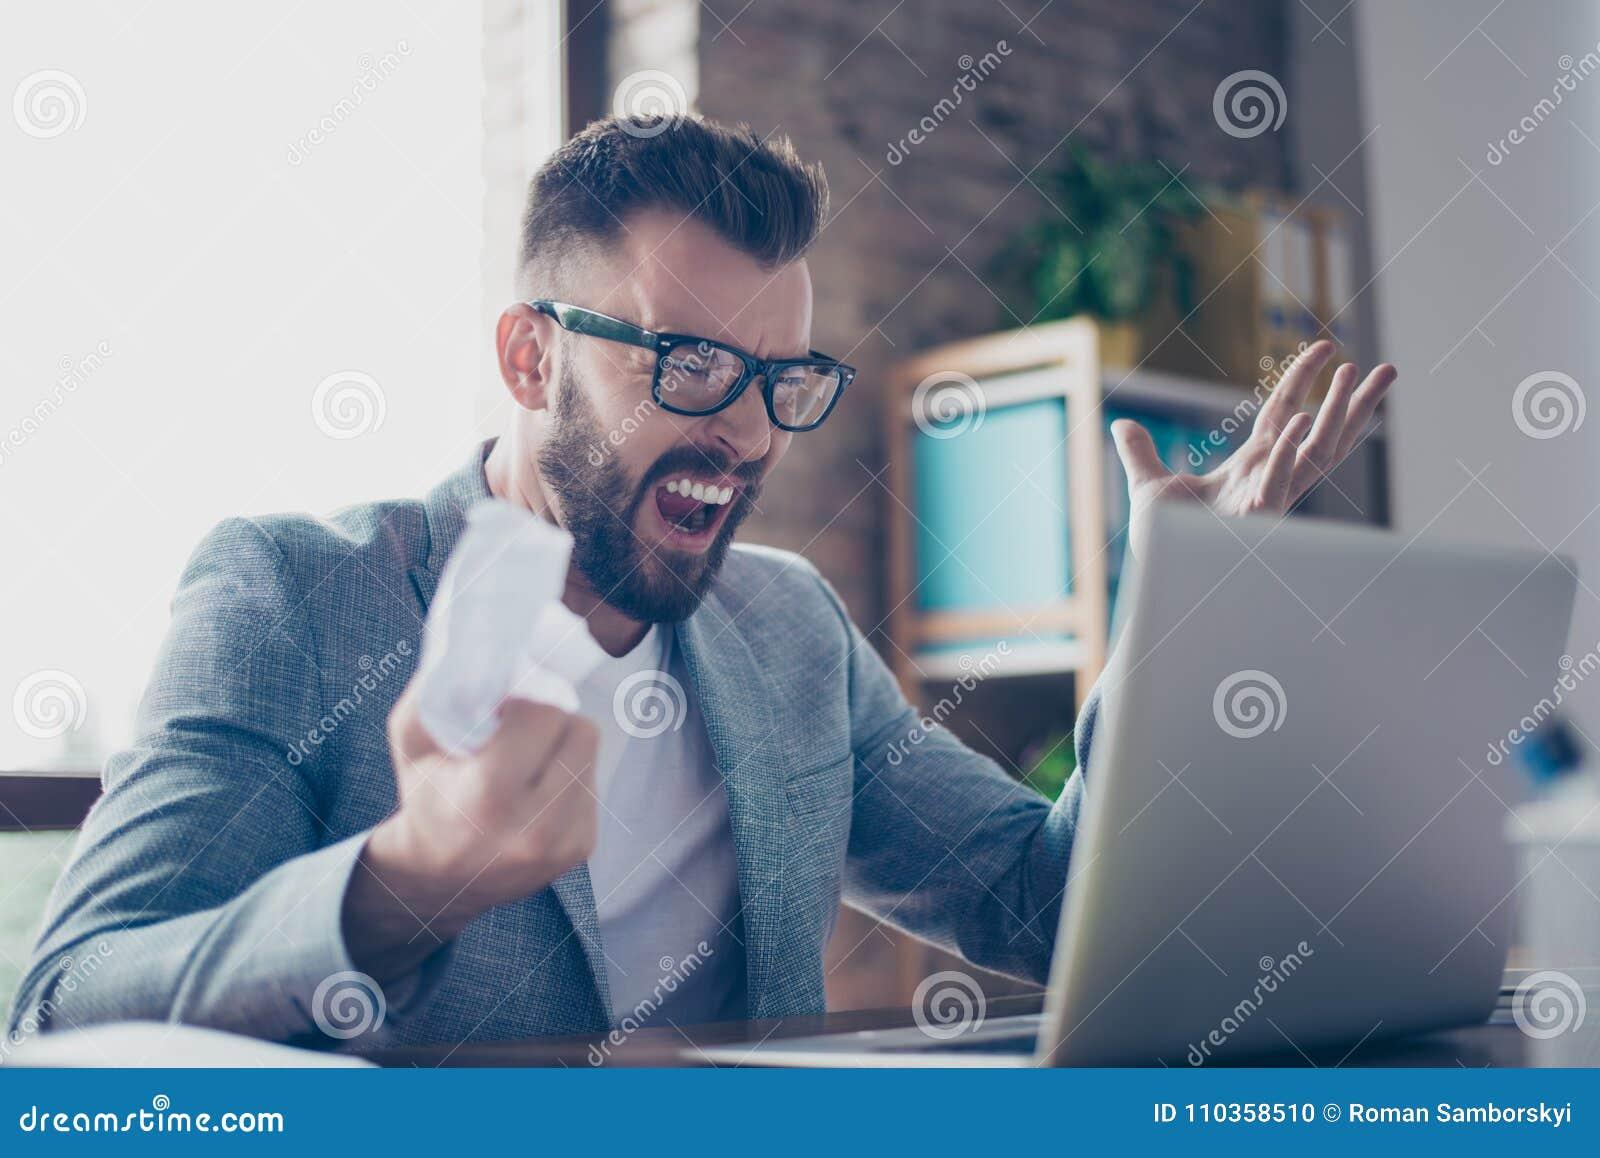 eda38324b92a4 Ciérrese para arriba de empresario elegante barbudo moreno frustrado en GR